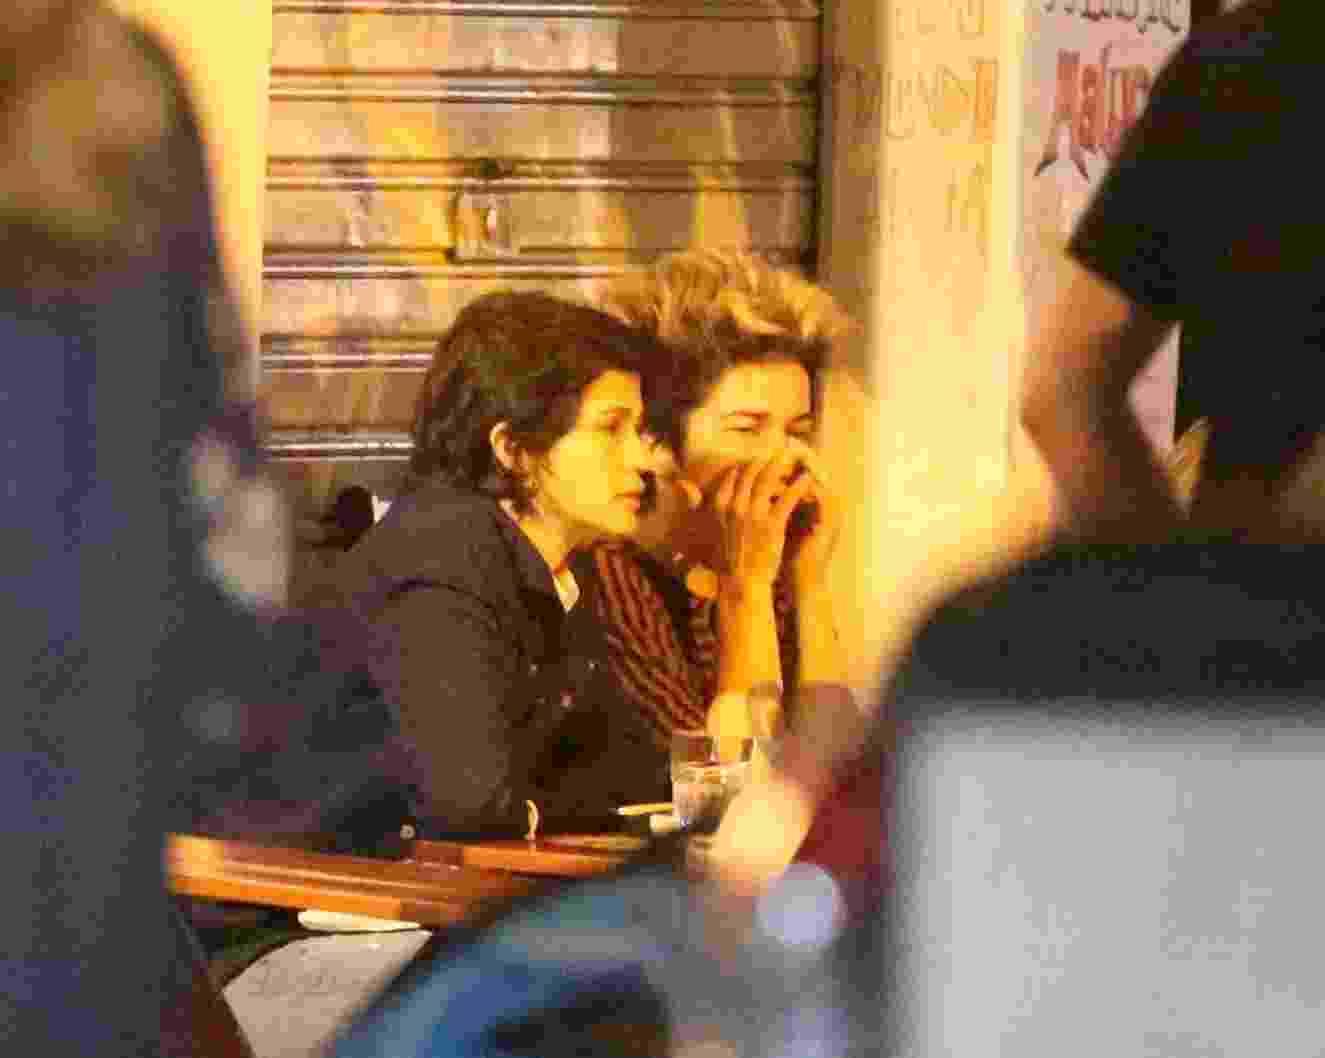 Nanda Costa curte noite de sábado (15) no Rio acompanhada da namorada Lan Lanh - Thiago Martins/AgNews